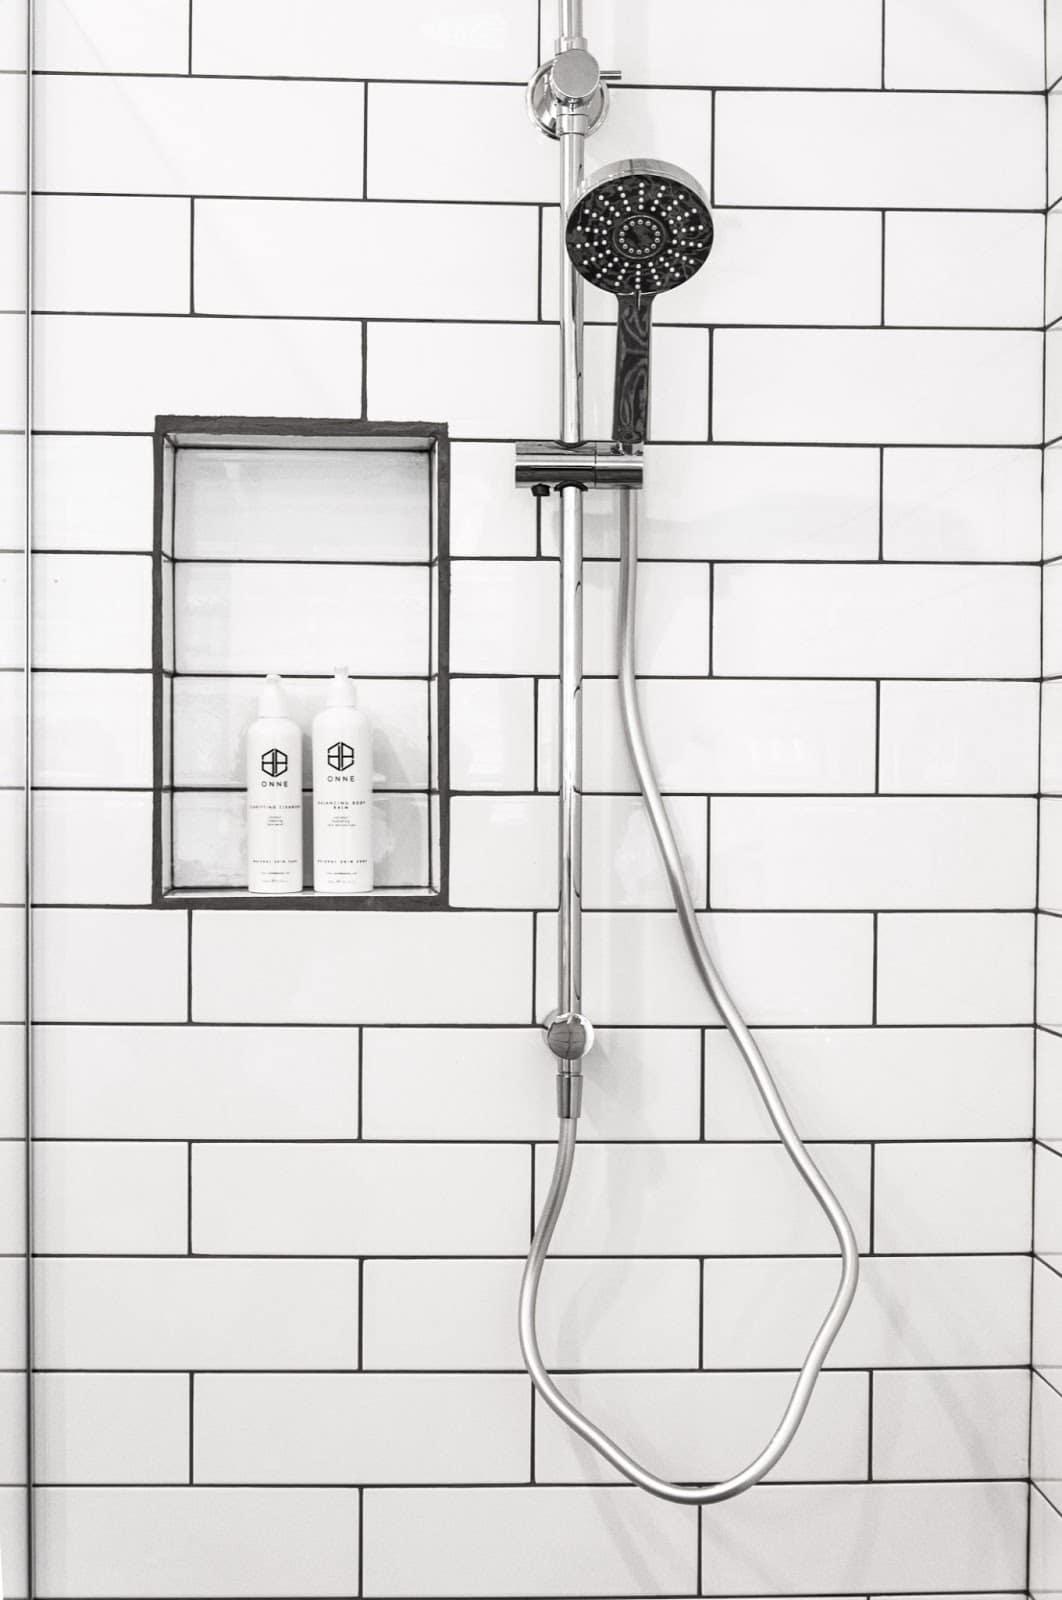 Increase Water Pressure in Shower